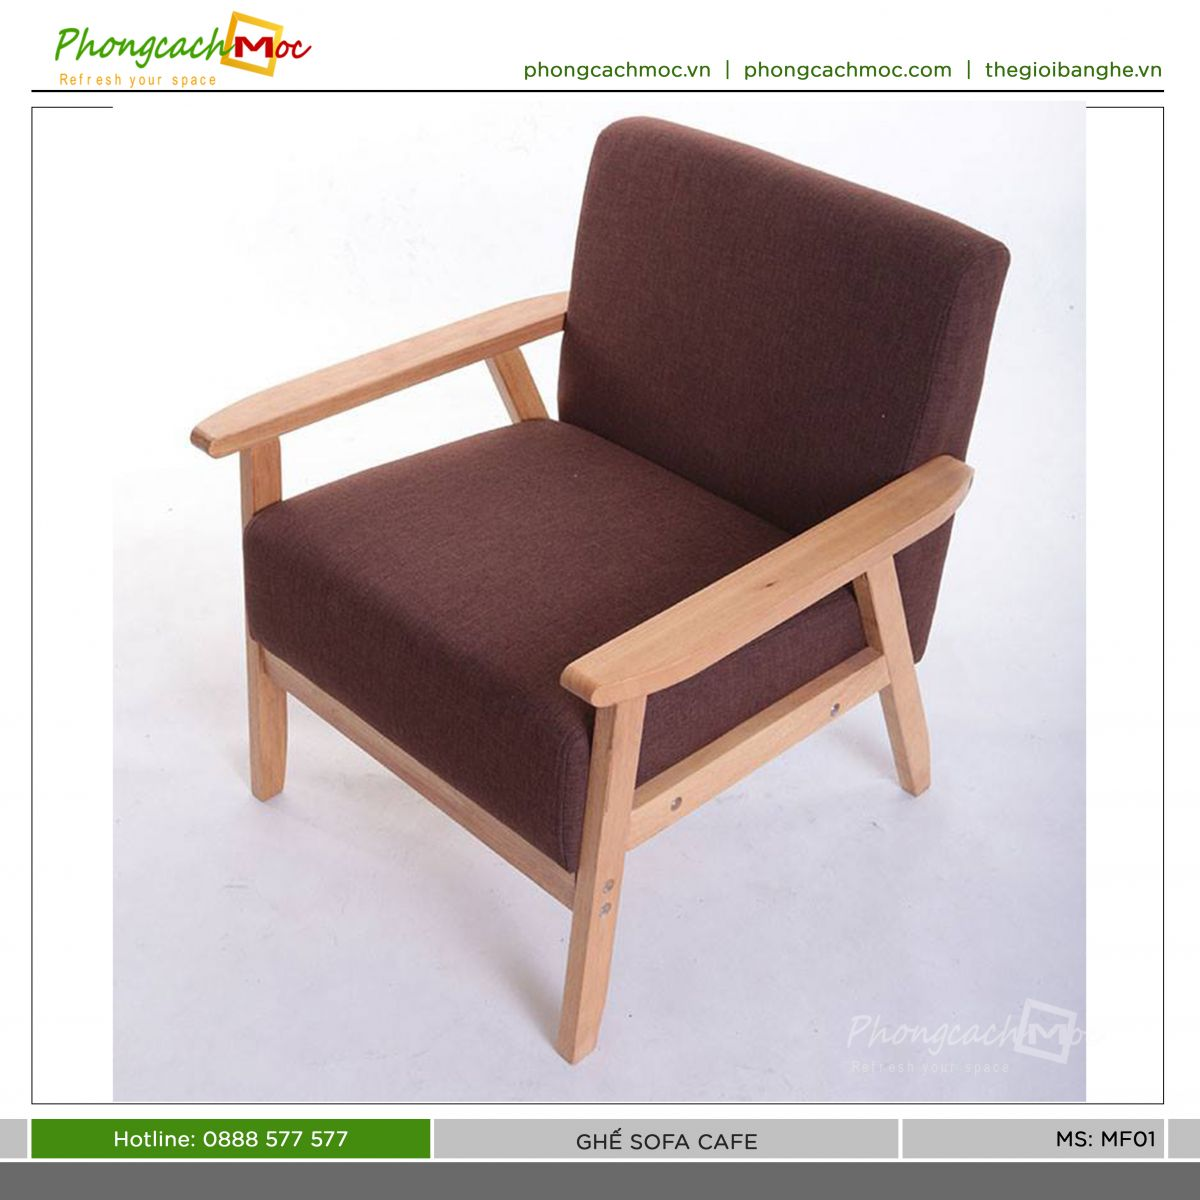 ghe-sofa-cafe-mf02